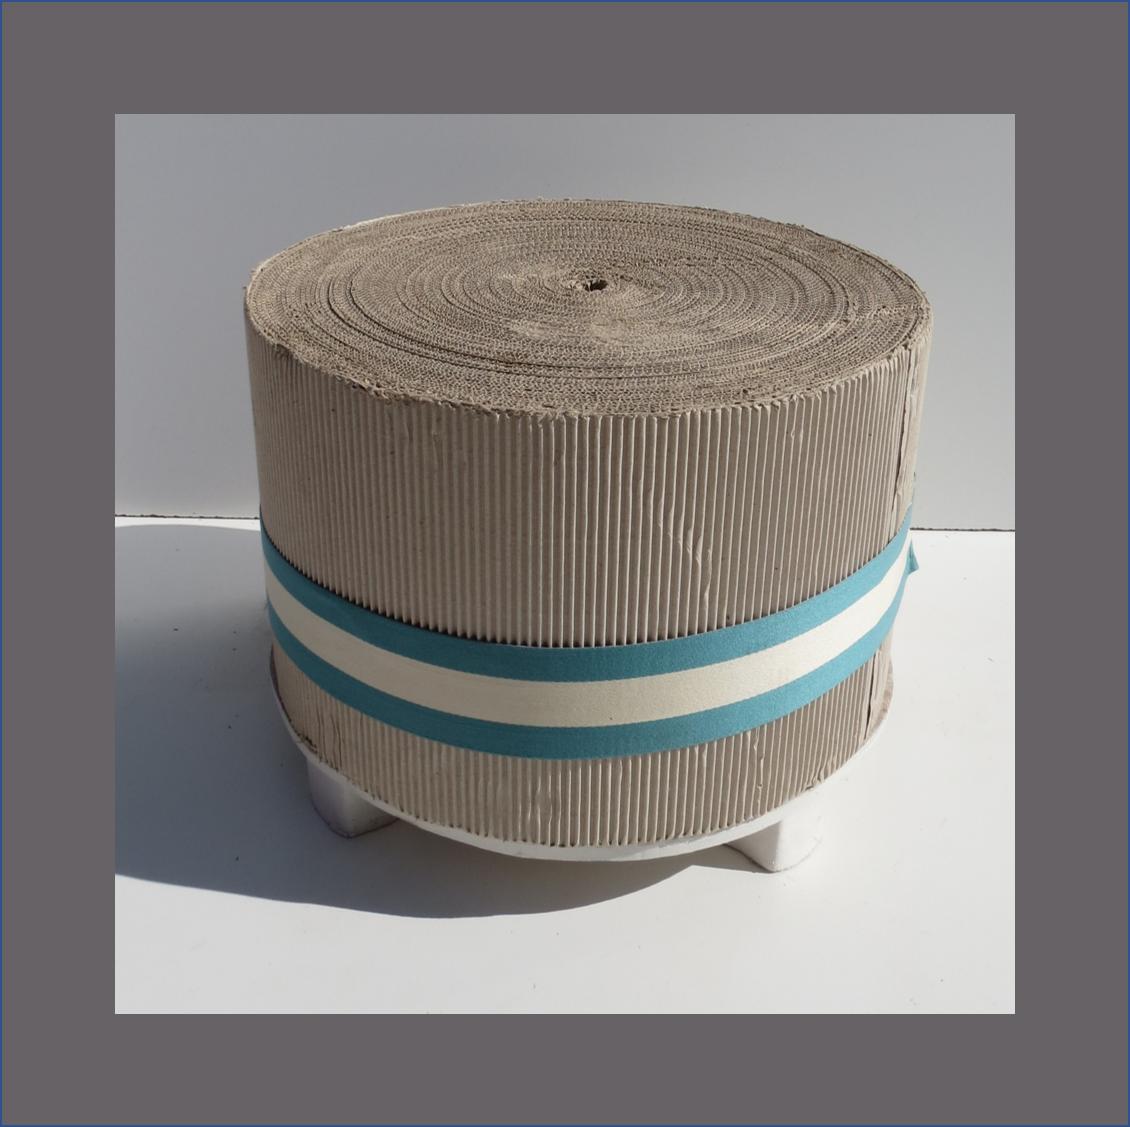 corrugated-card-board-ottoman-round